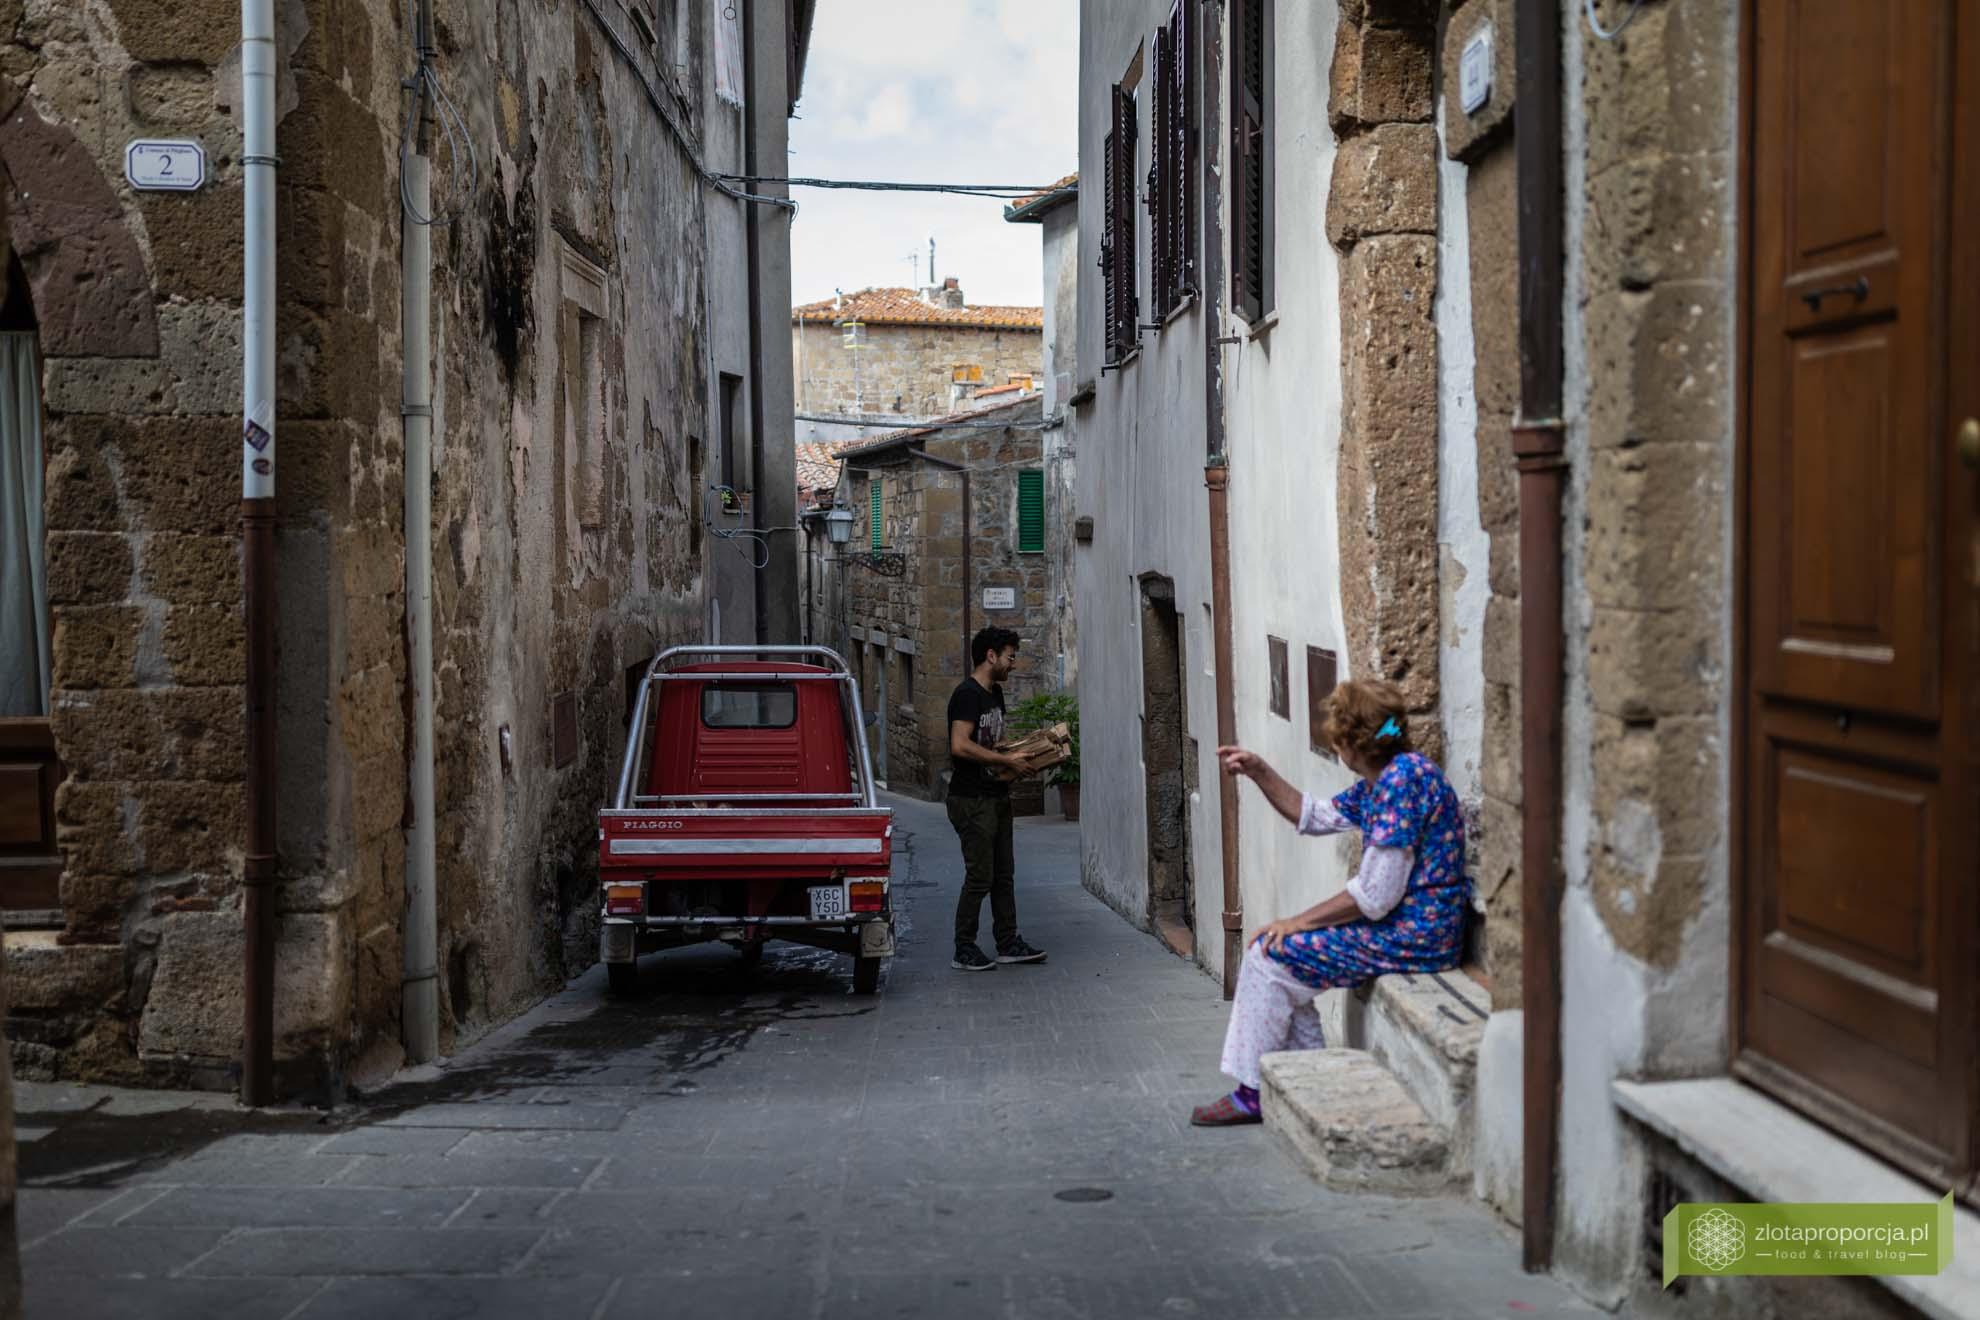 Pitigliano; Toskania; miasto na tufie; miasto na tufie w Toskanii; Pitigliano zwiedzanie; Pitigliano Toskania; Toskania atrakcje; południowa Toskania; centro storico Pitigliano; starówka Pitigliano;